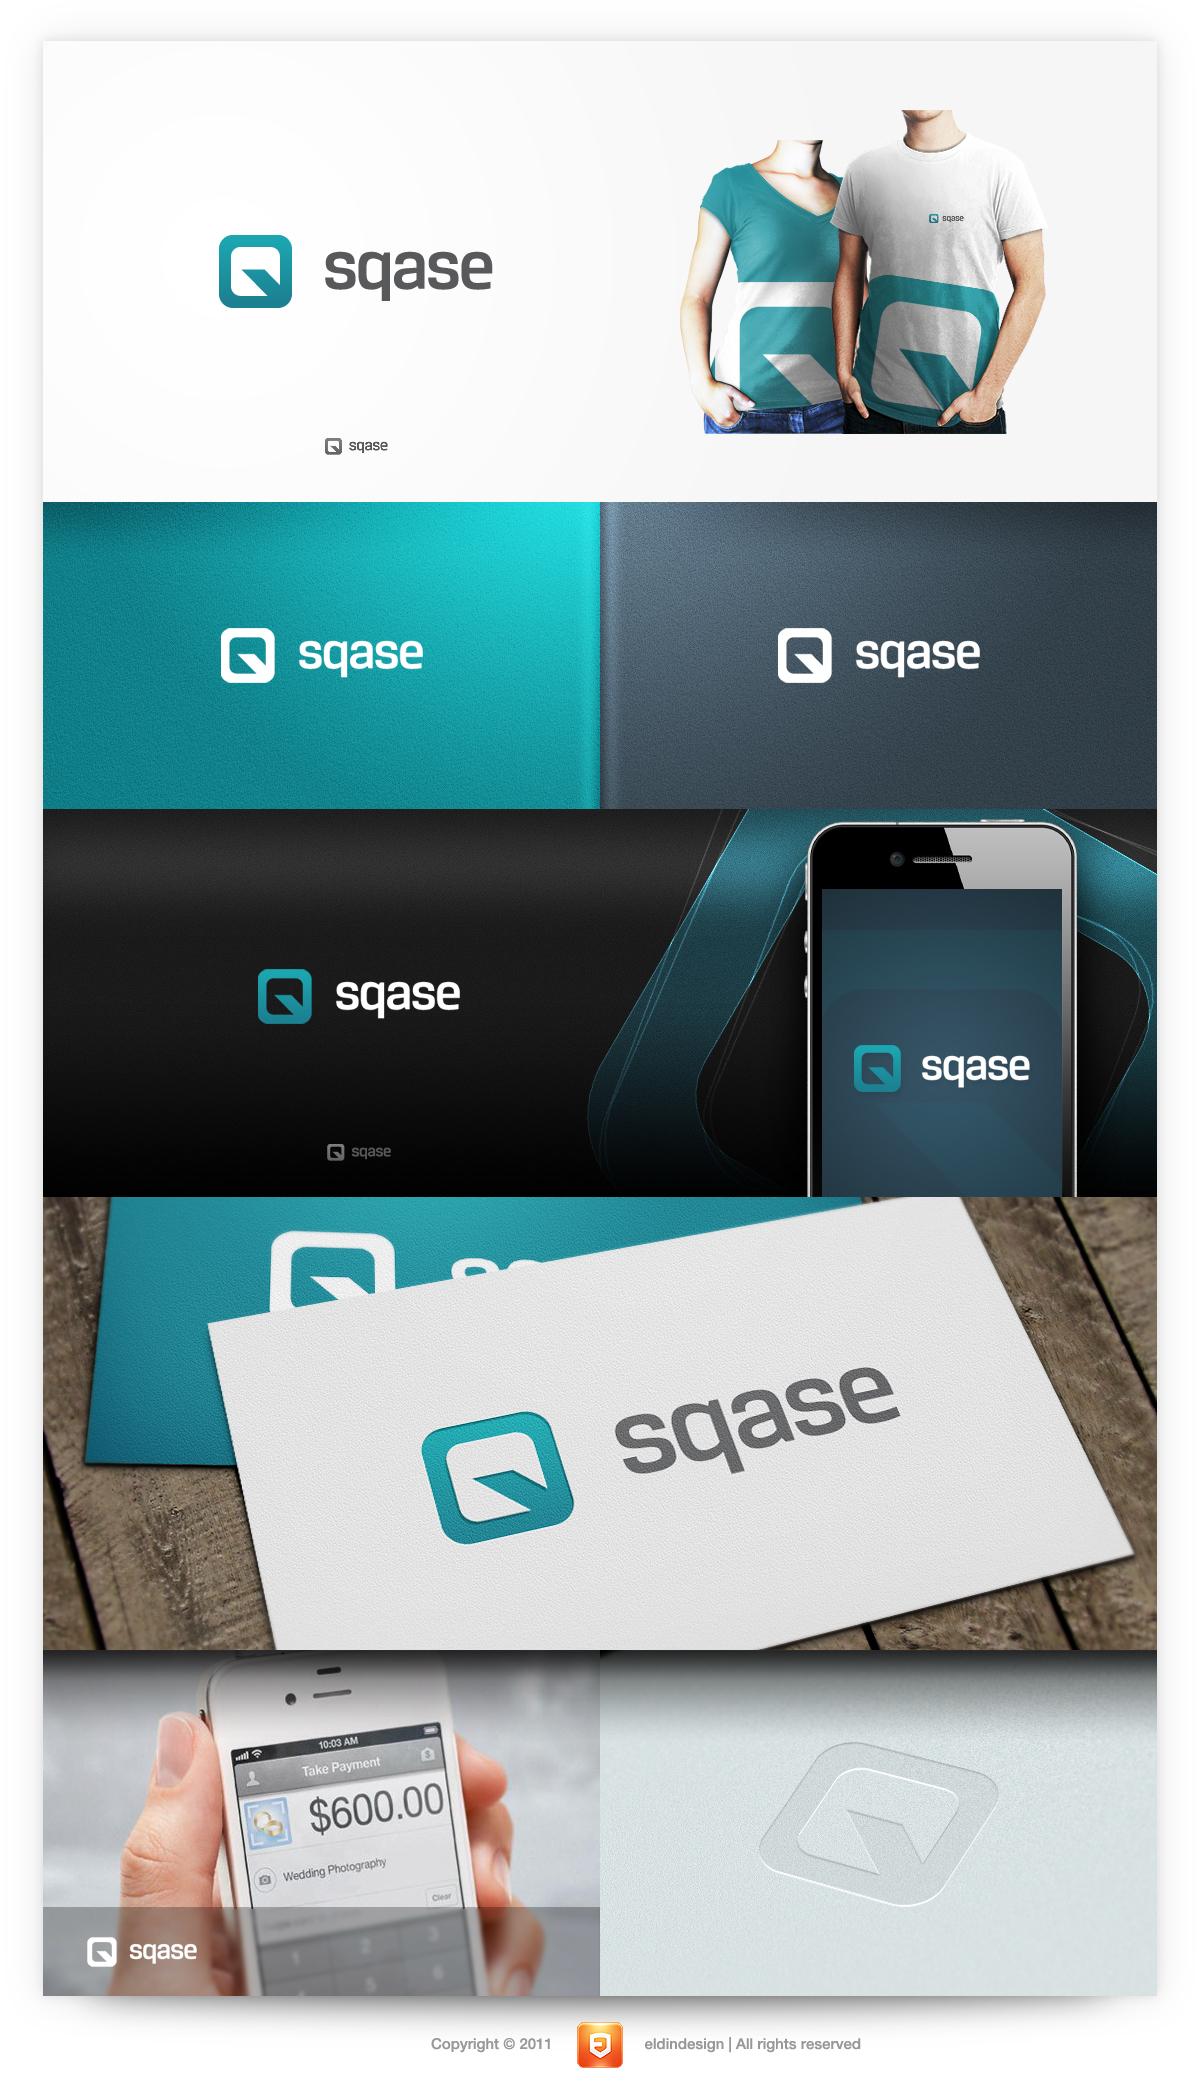 Sqase logo by eLdIn94